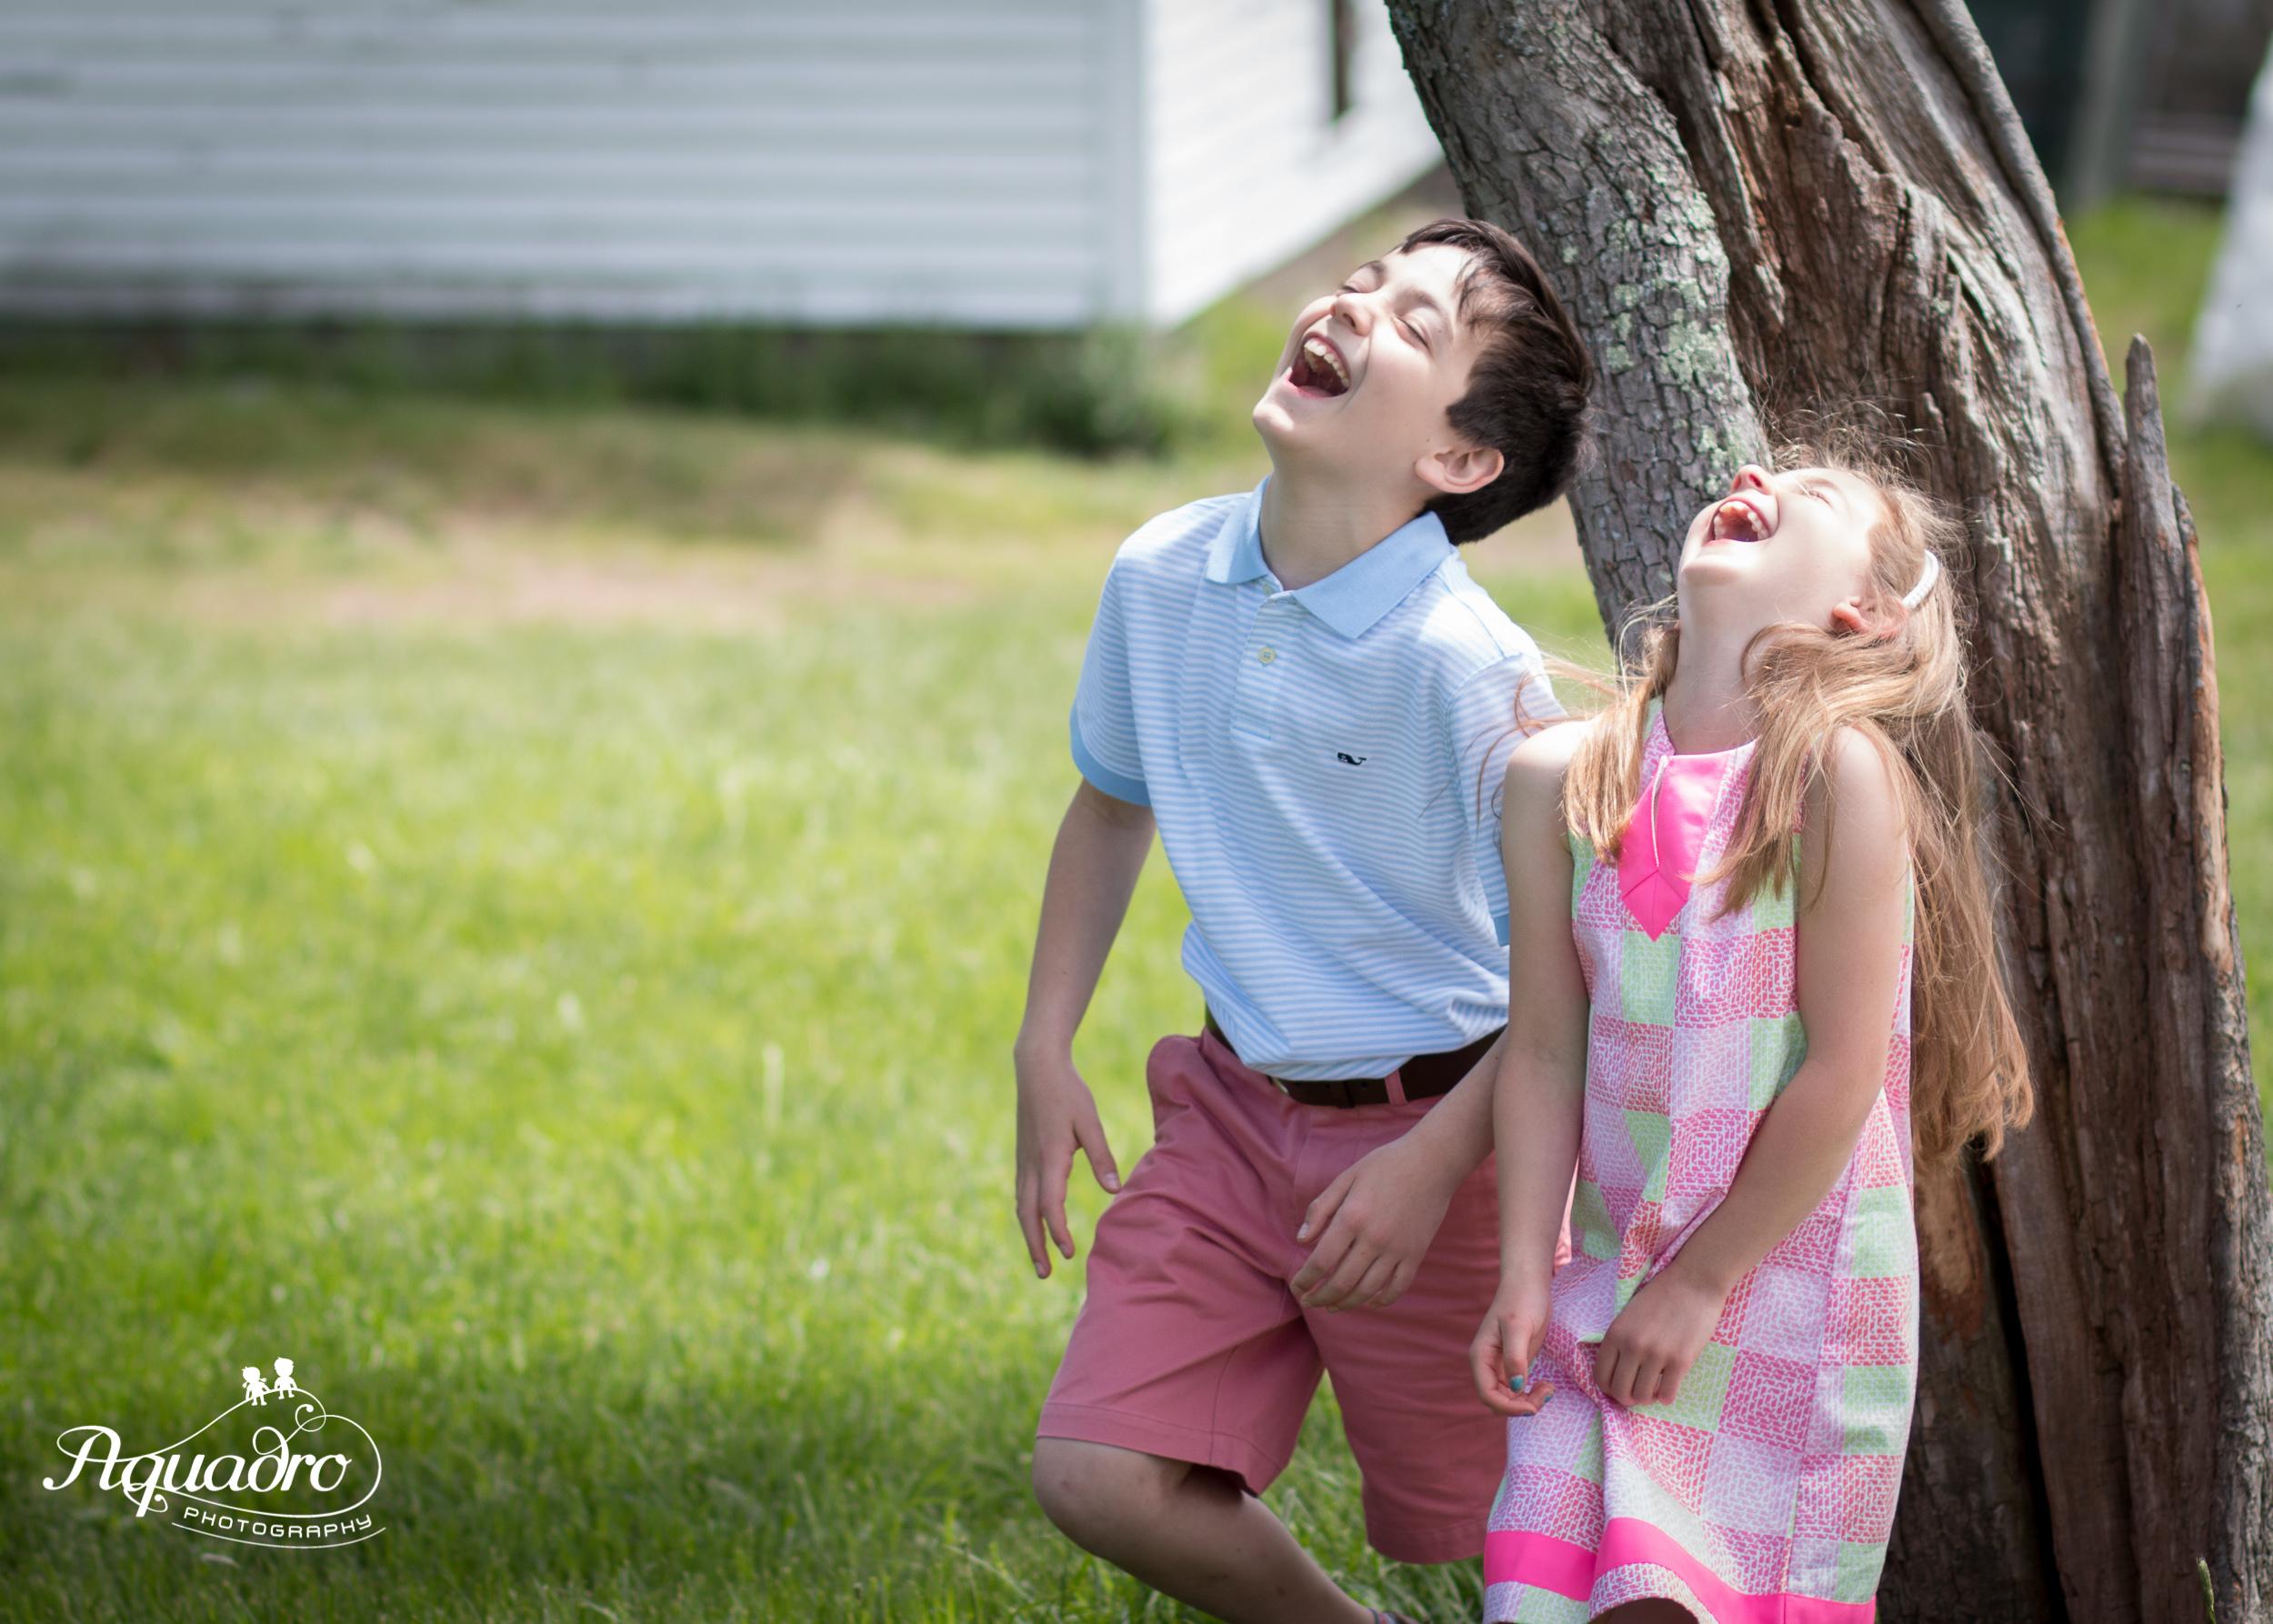 Laughing Siblings